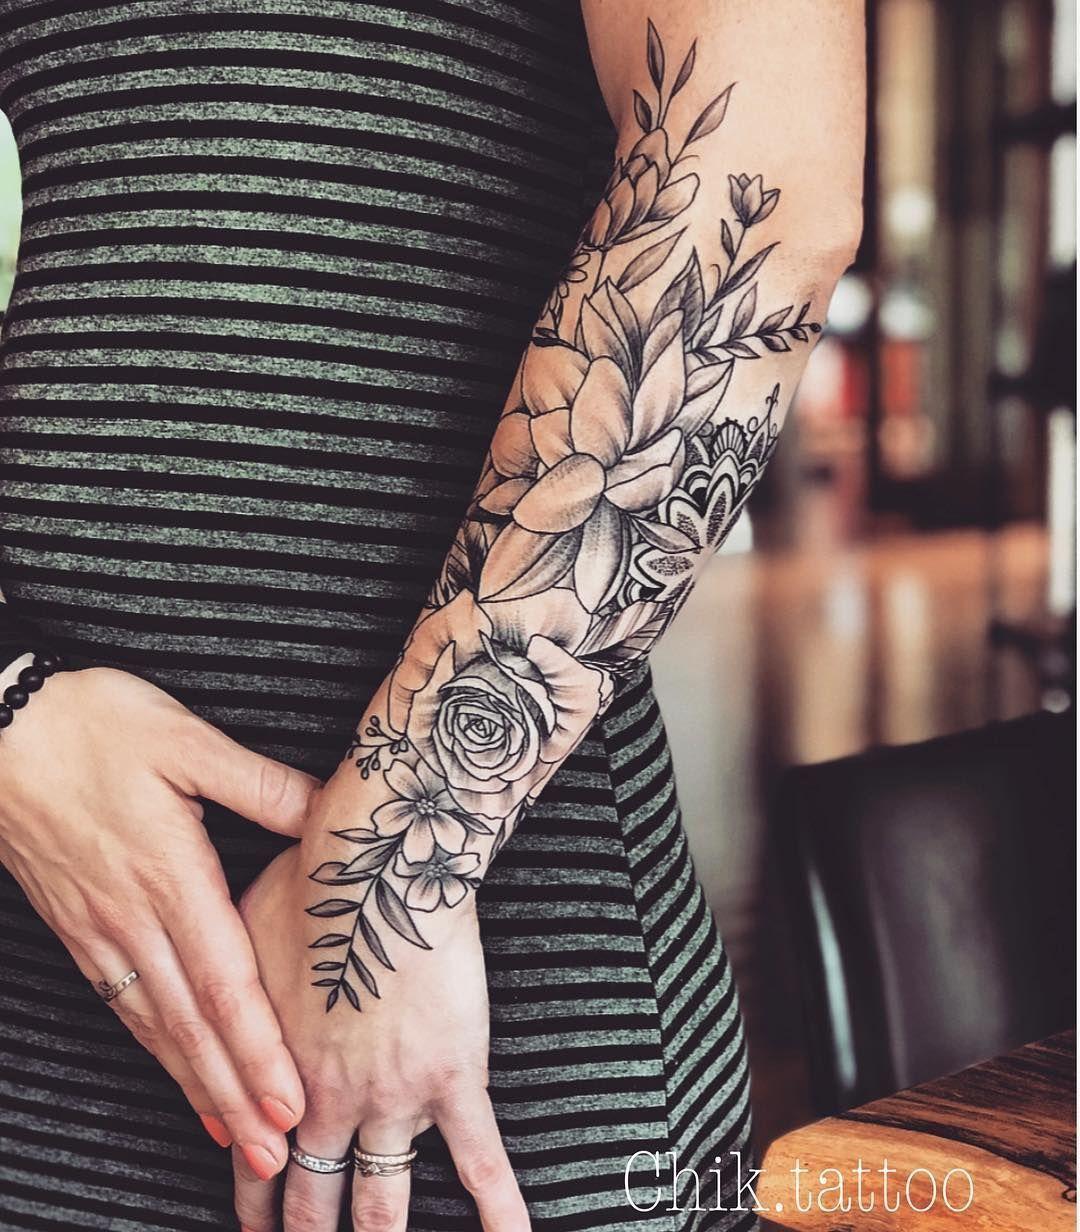 Elephants Tattoo Design Elephants Tattoo Design Etsy Elephants Tattoo Design Etsy Is Part Of Elephant Tattoo Tattoo Designs Tattoos Sleeve Tattoos For Women